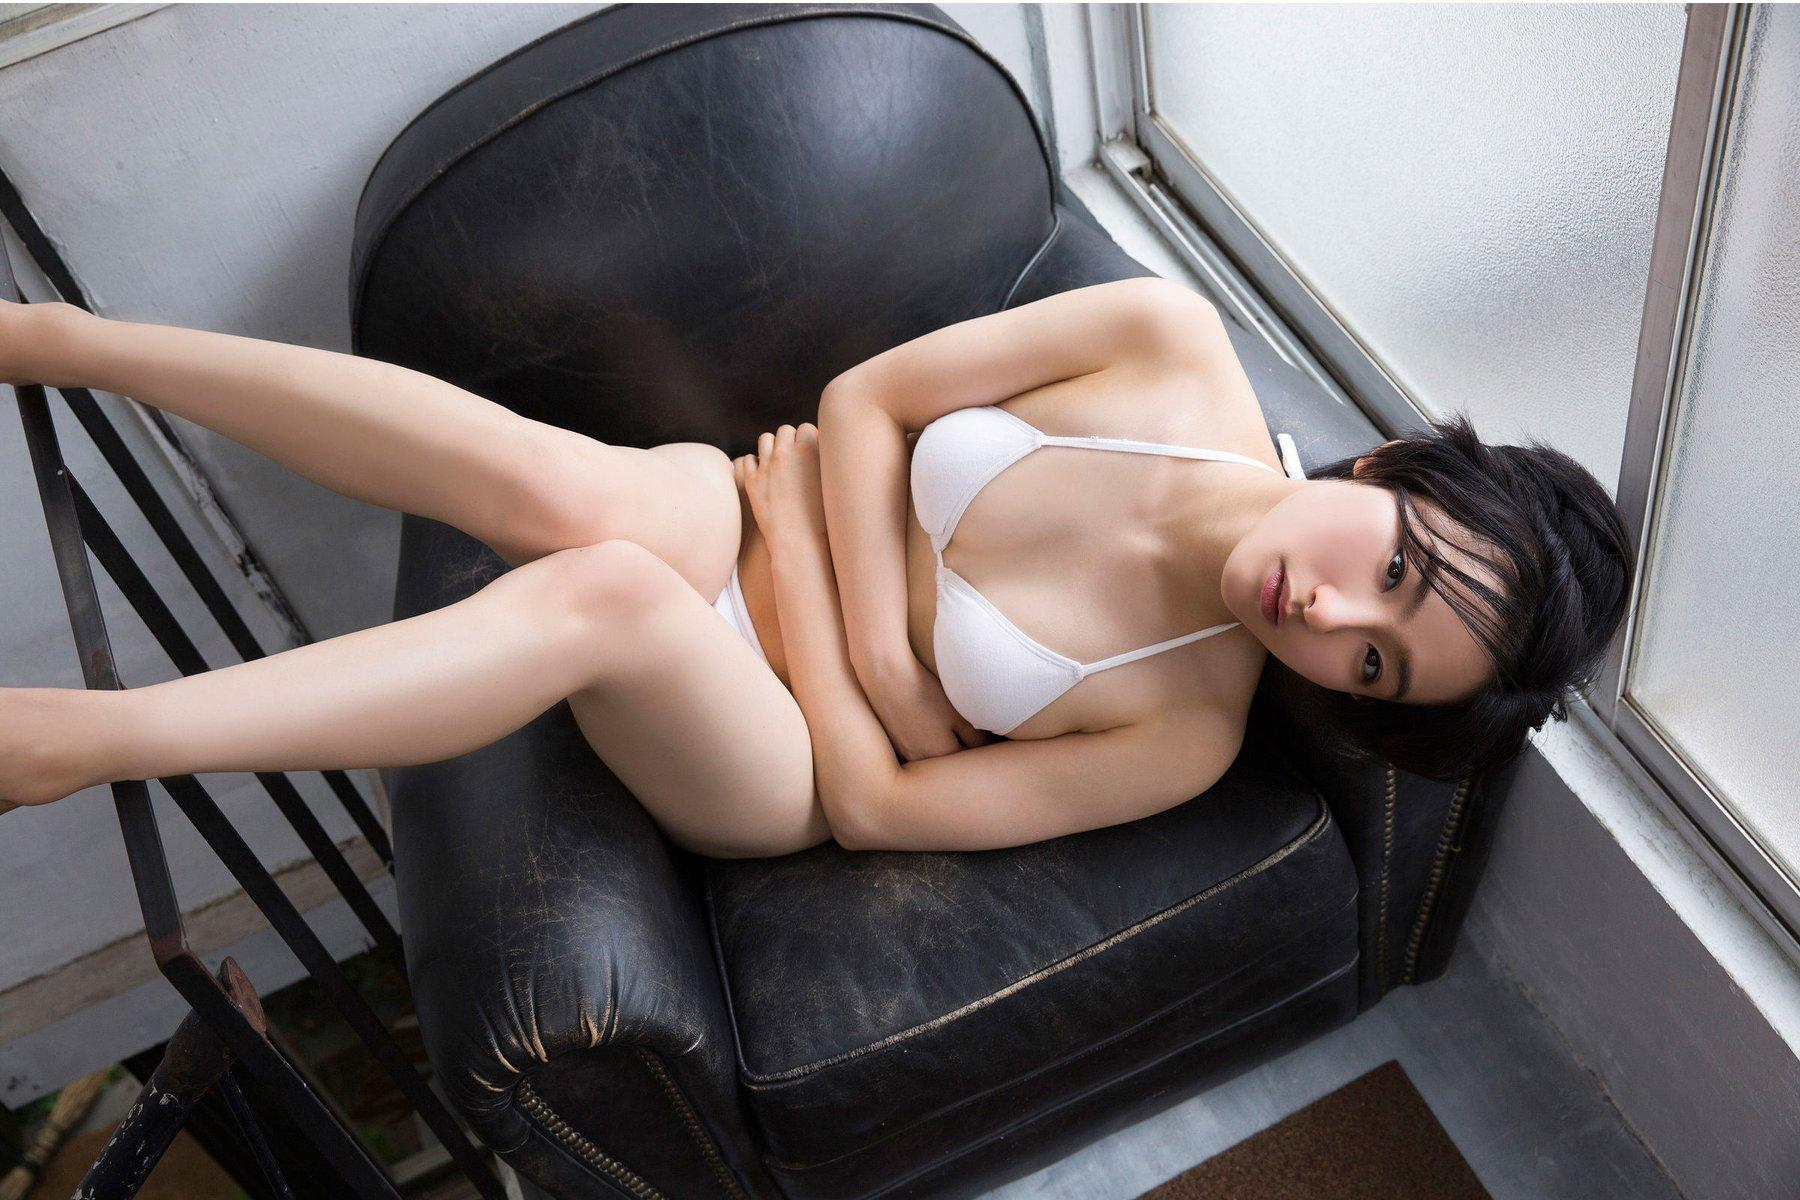 早乙女ゆう 写真集